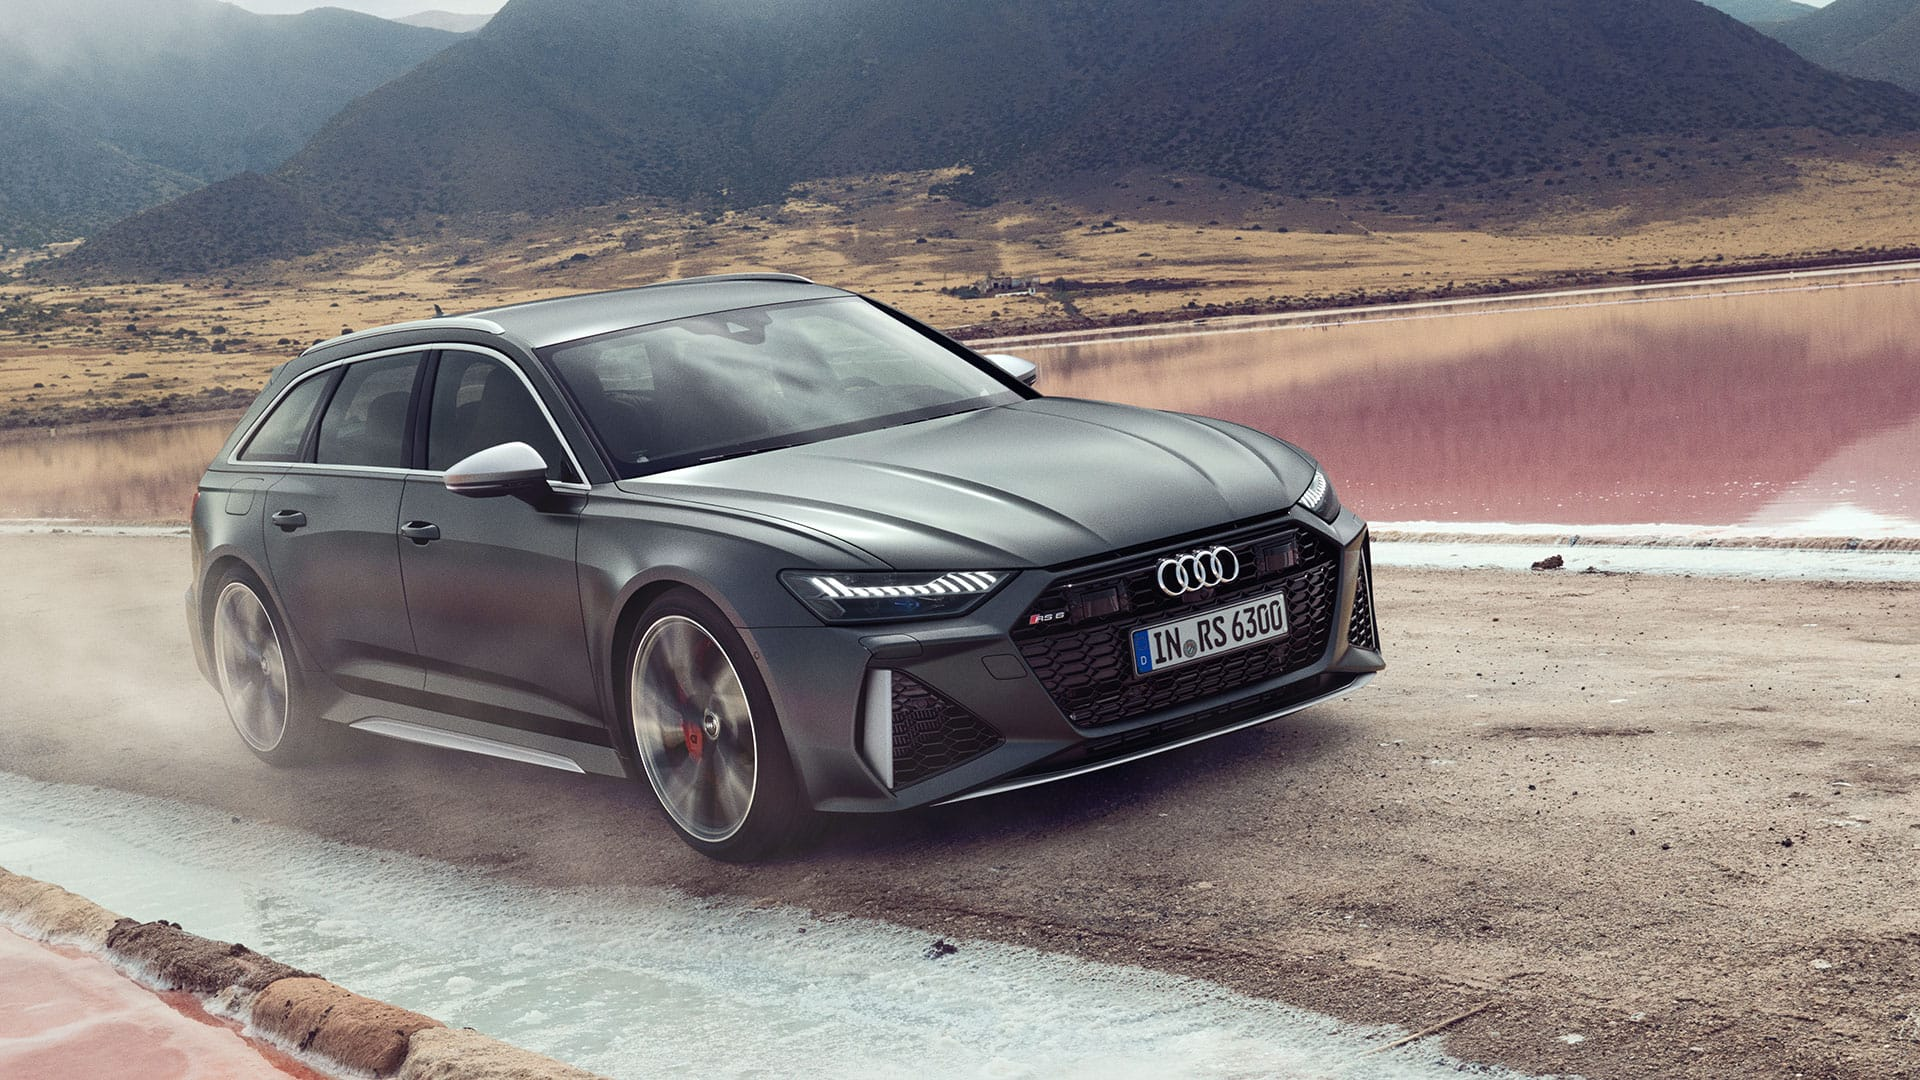 Audi RS 6 Avant in movimento, vista 3/4 laterale.